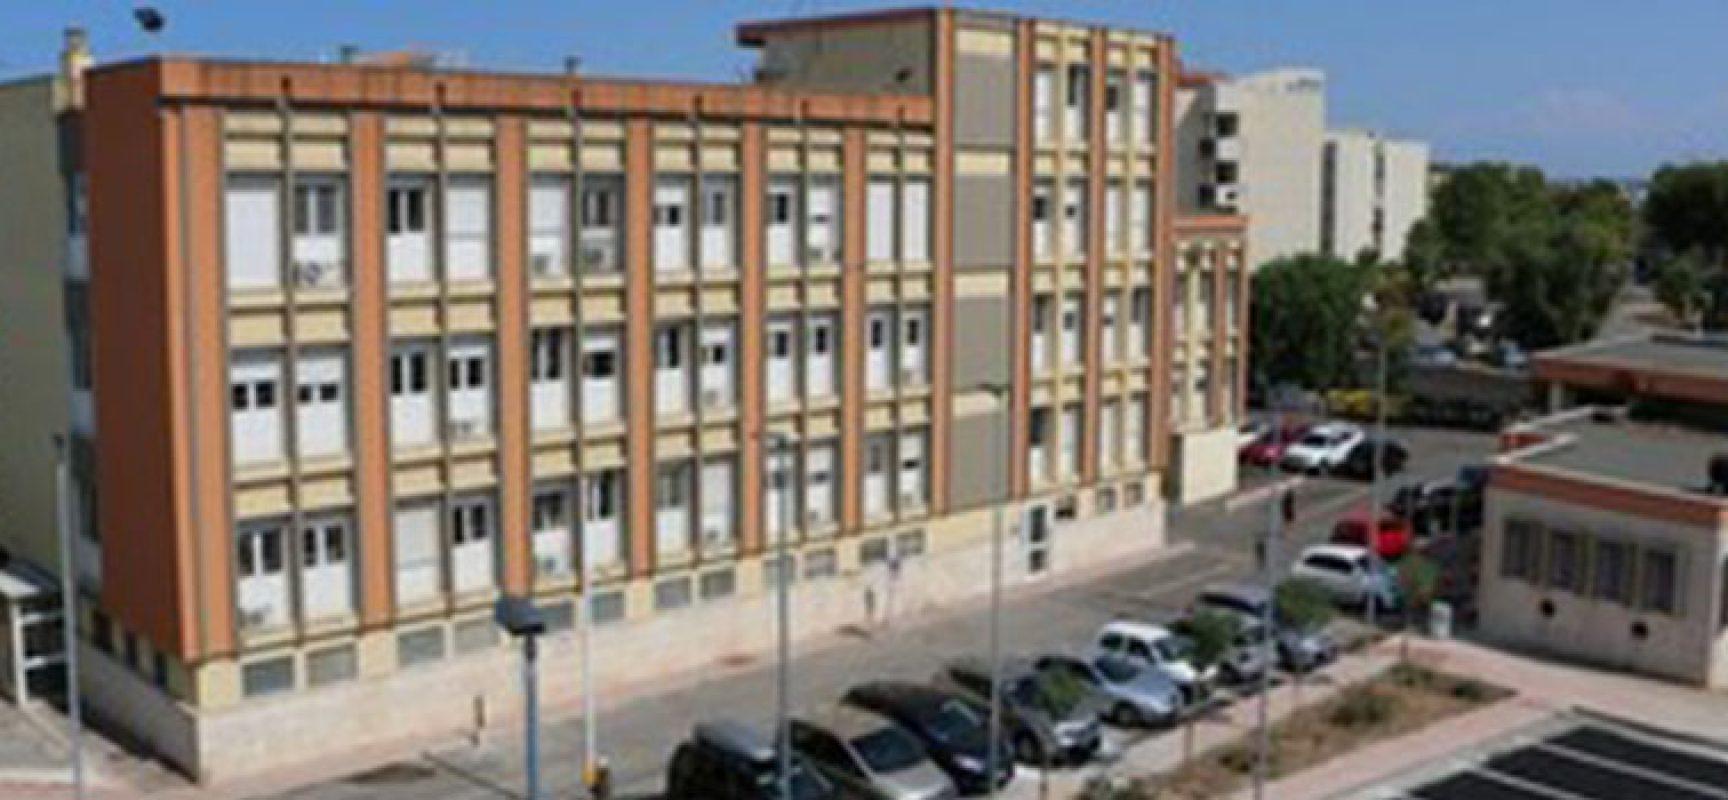 Riordino ospedale Bisceglie, le reazioni di Confcommercio e CasAmbulanti